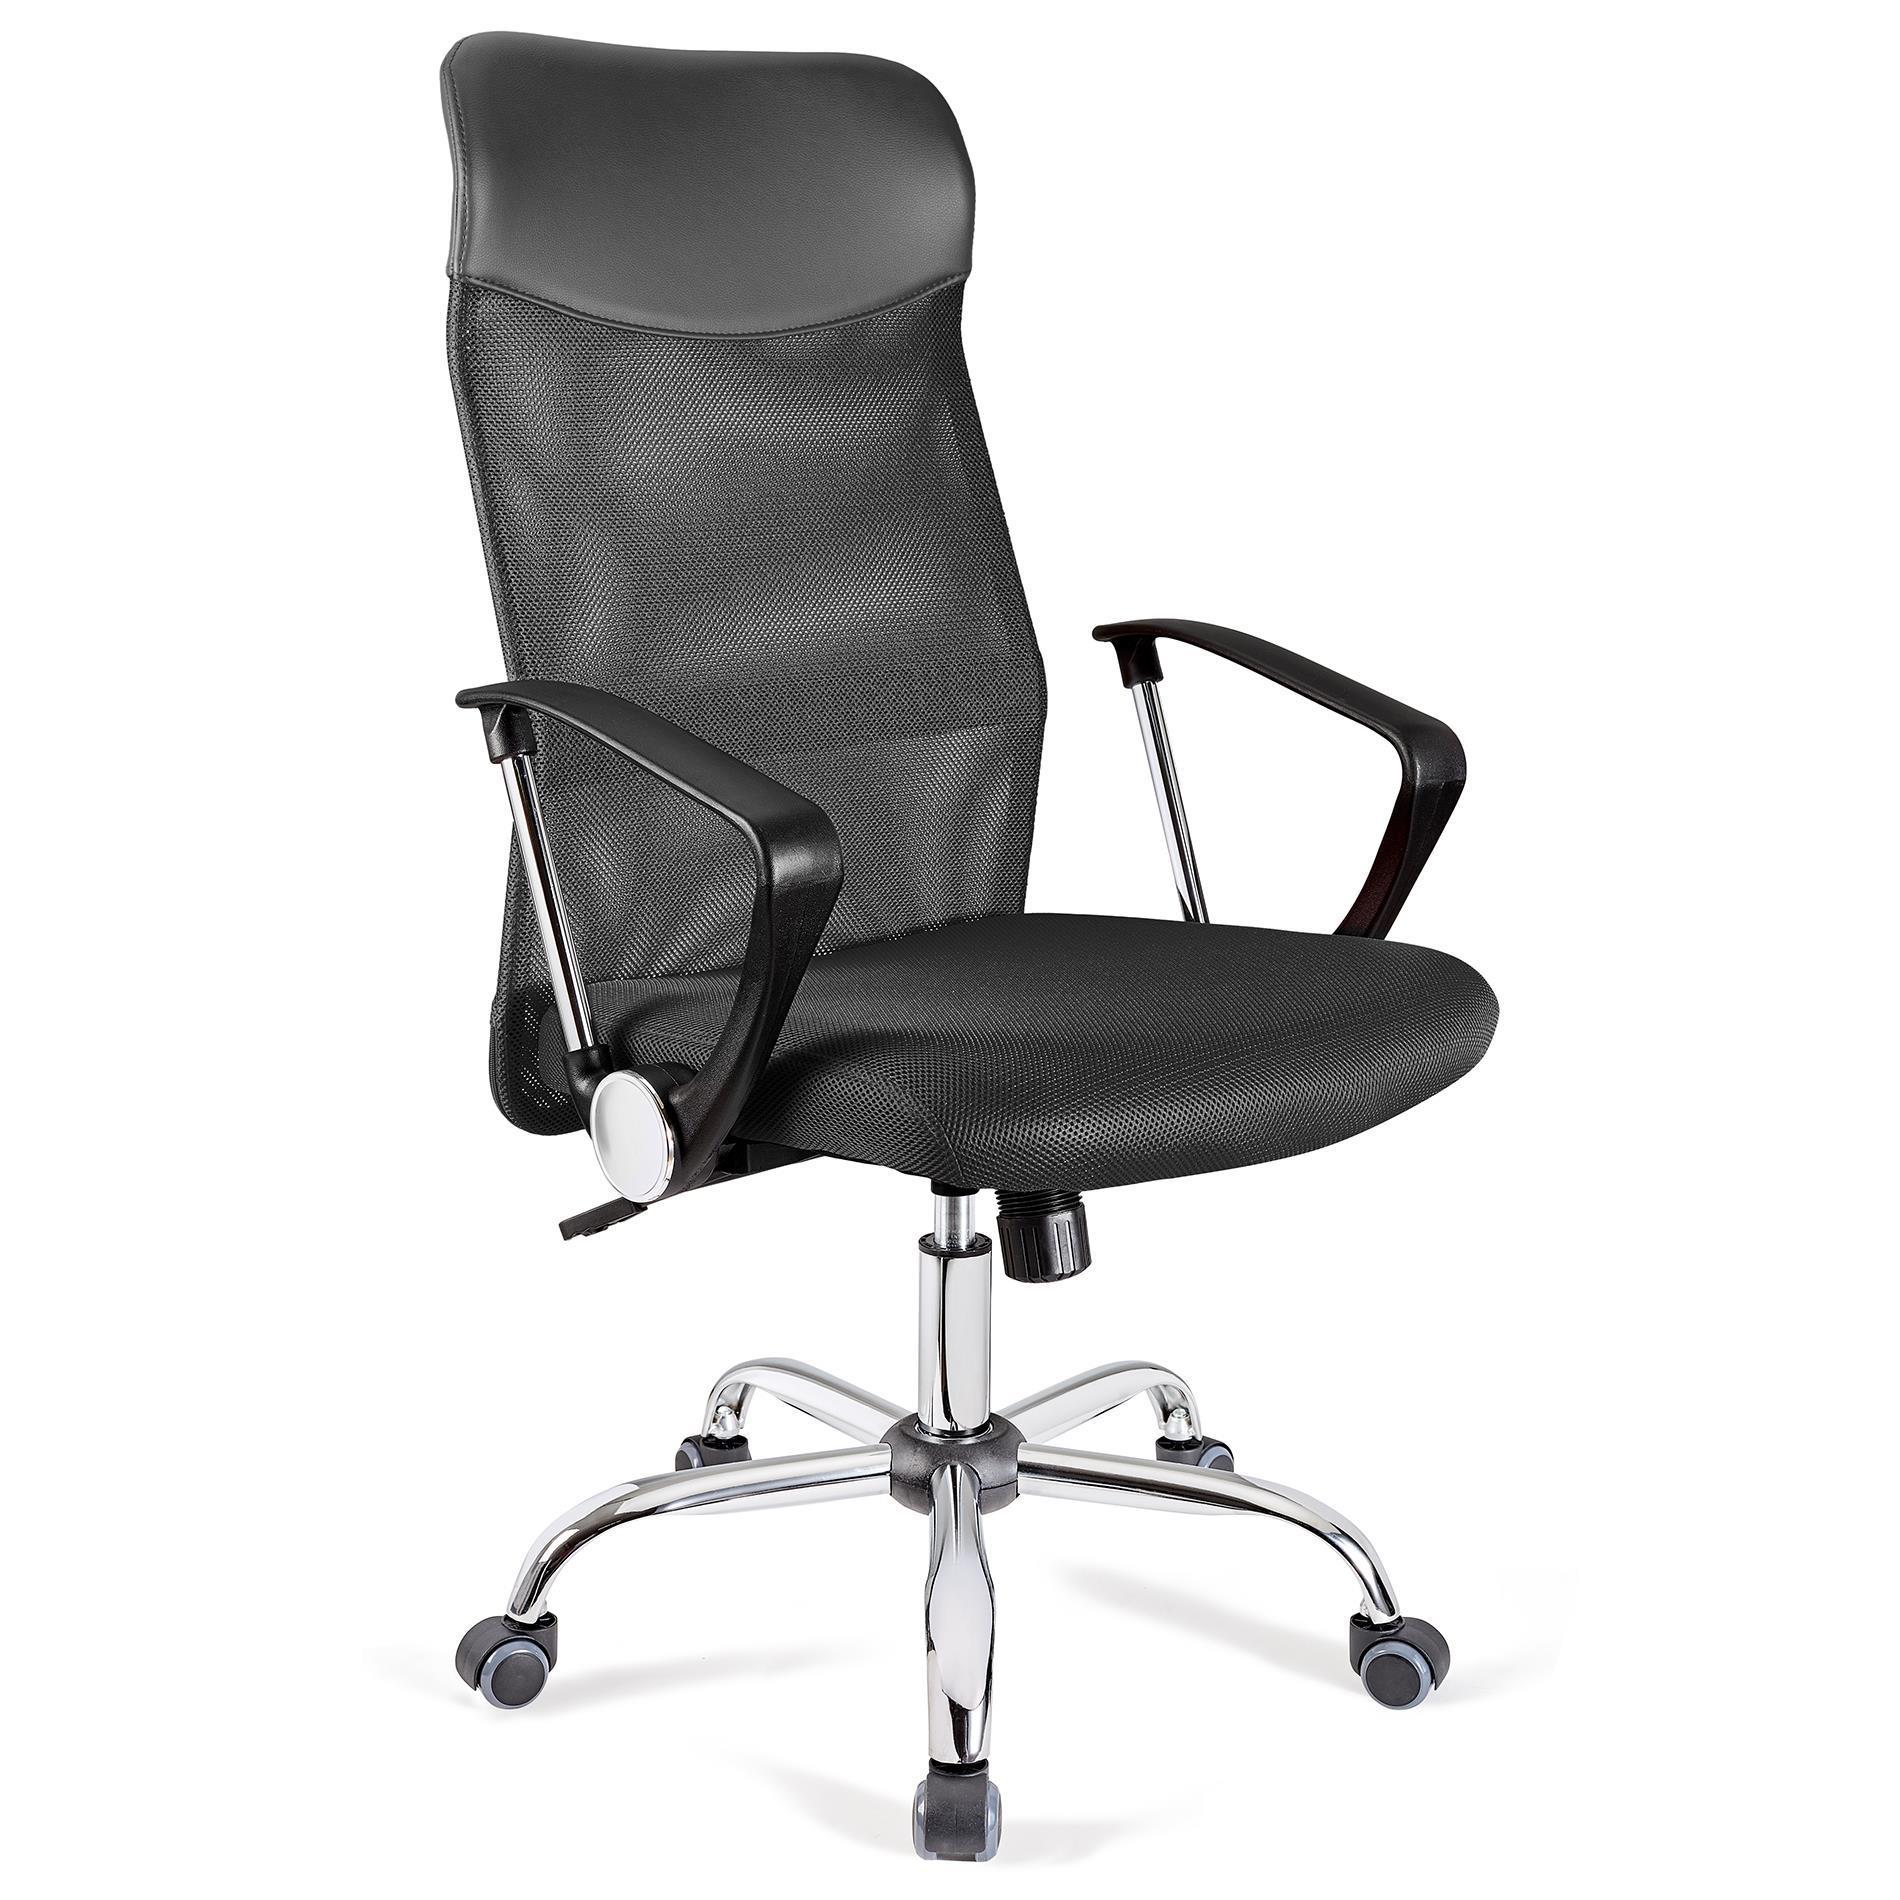 Sedia ufficio aspen rete traspirante e sedile imbottito for Sedia ufficio alta